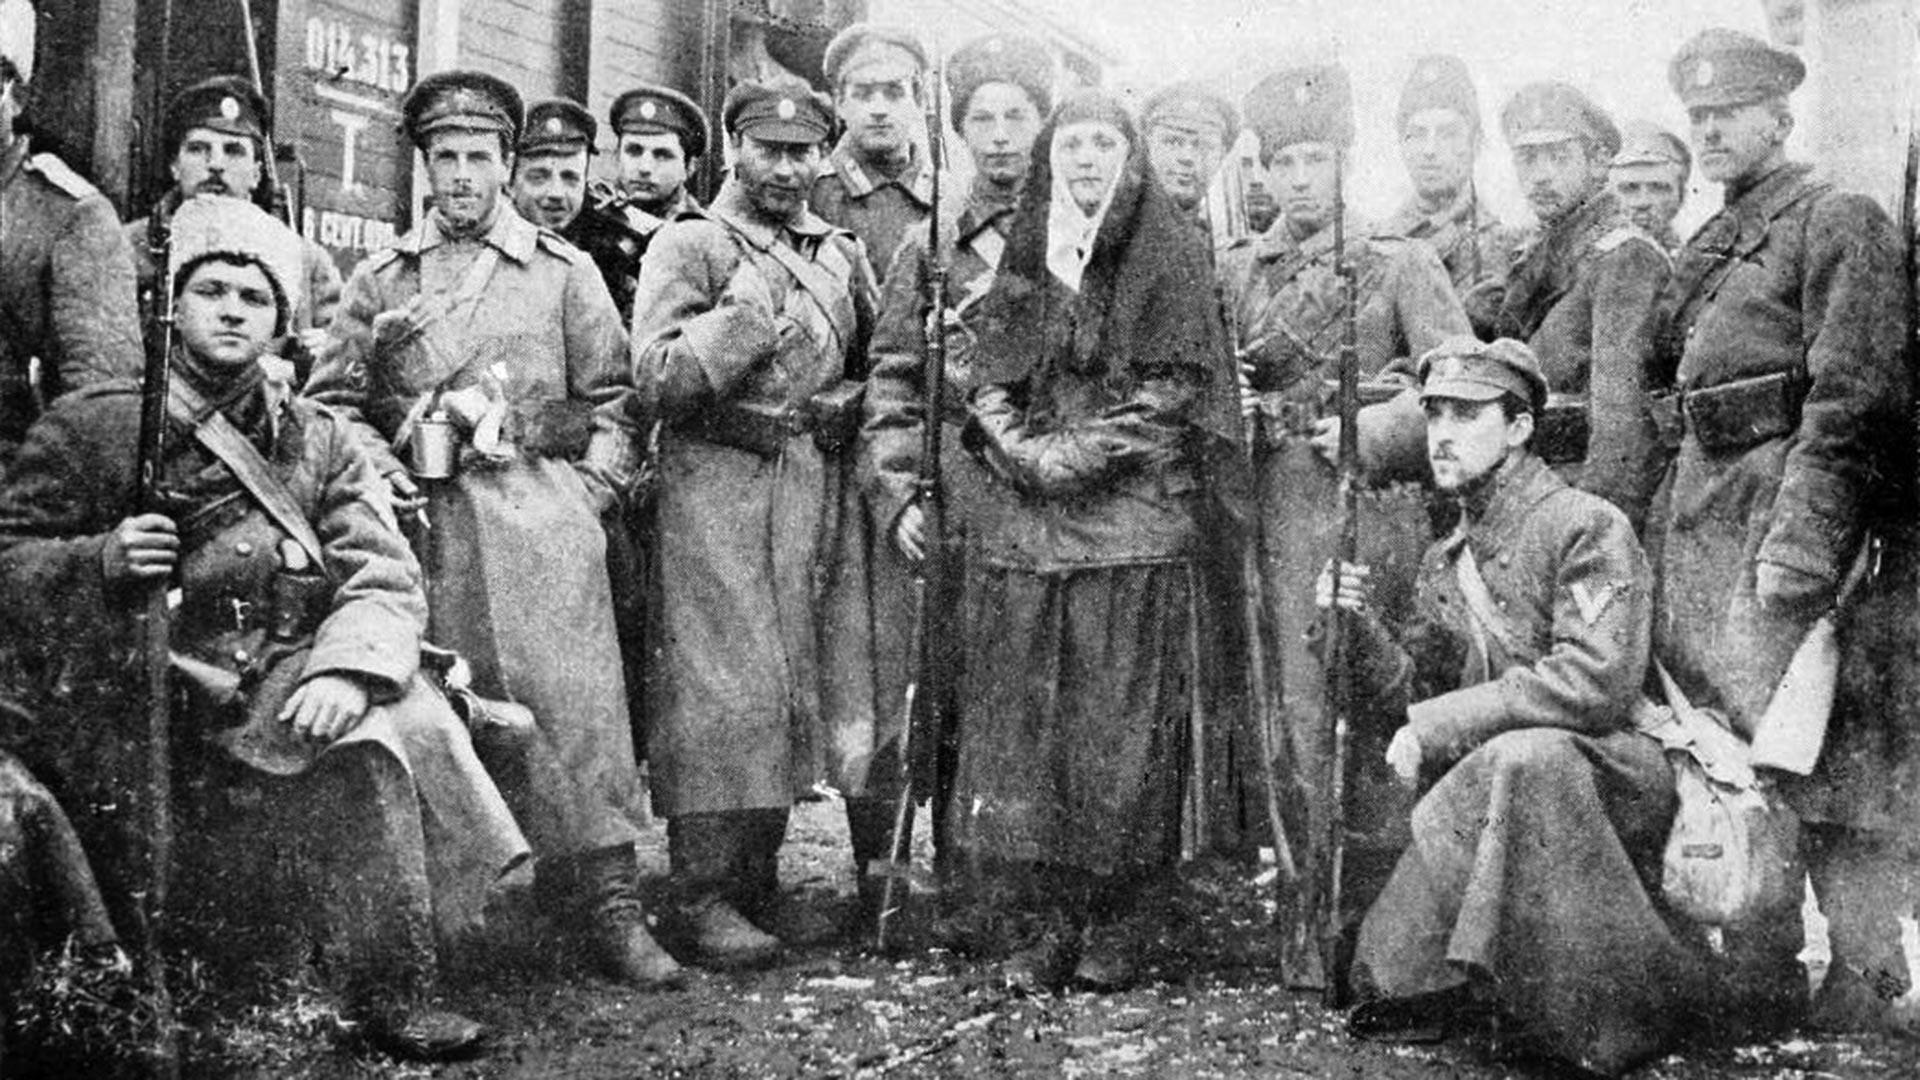 Soldados del Ejército Blanco.